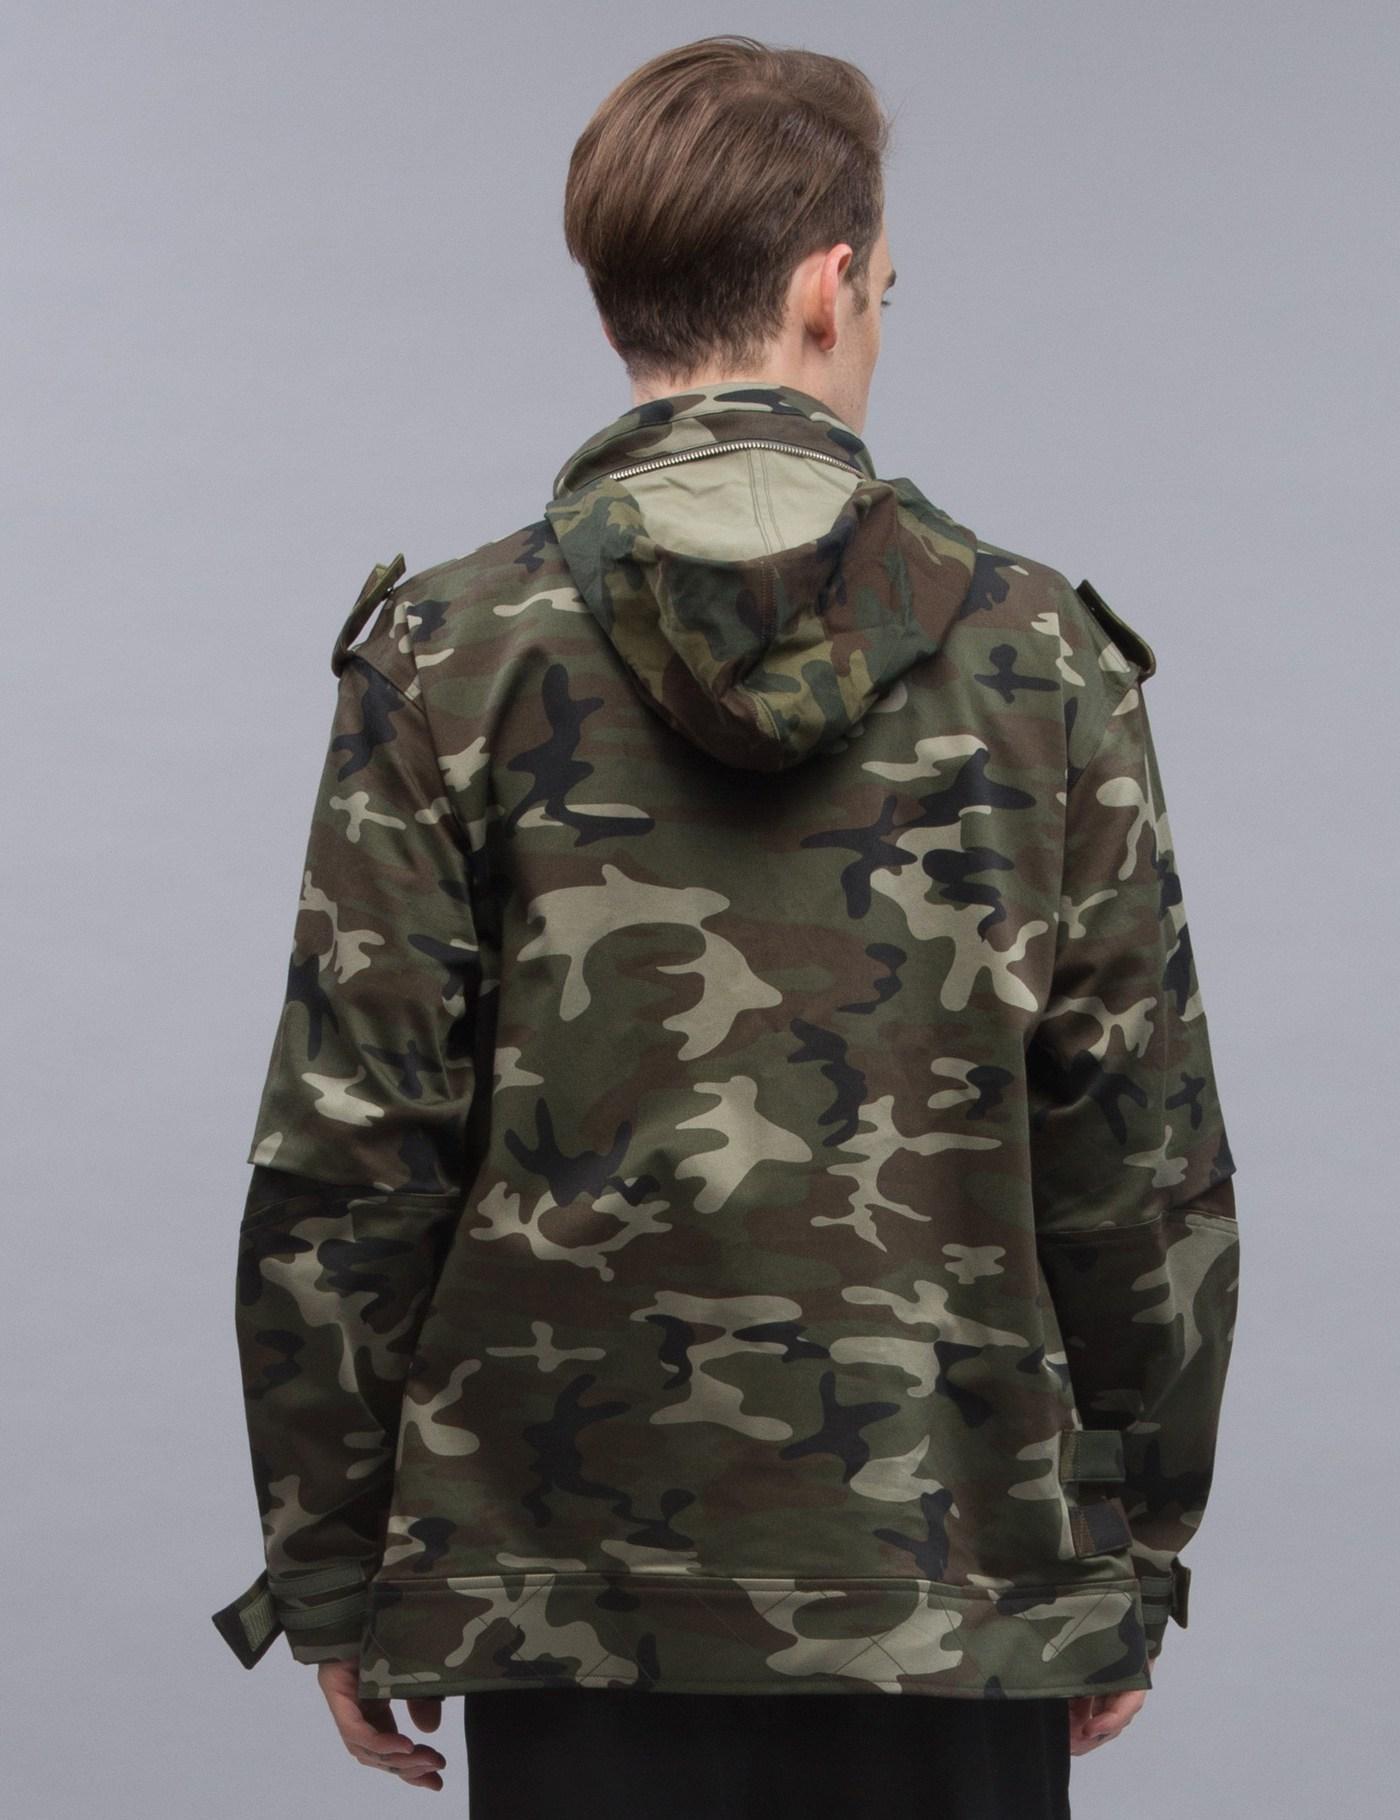 Yoshio Kubo Miltary Jacket for Men